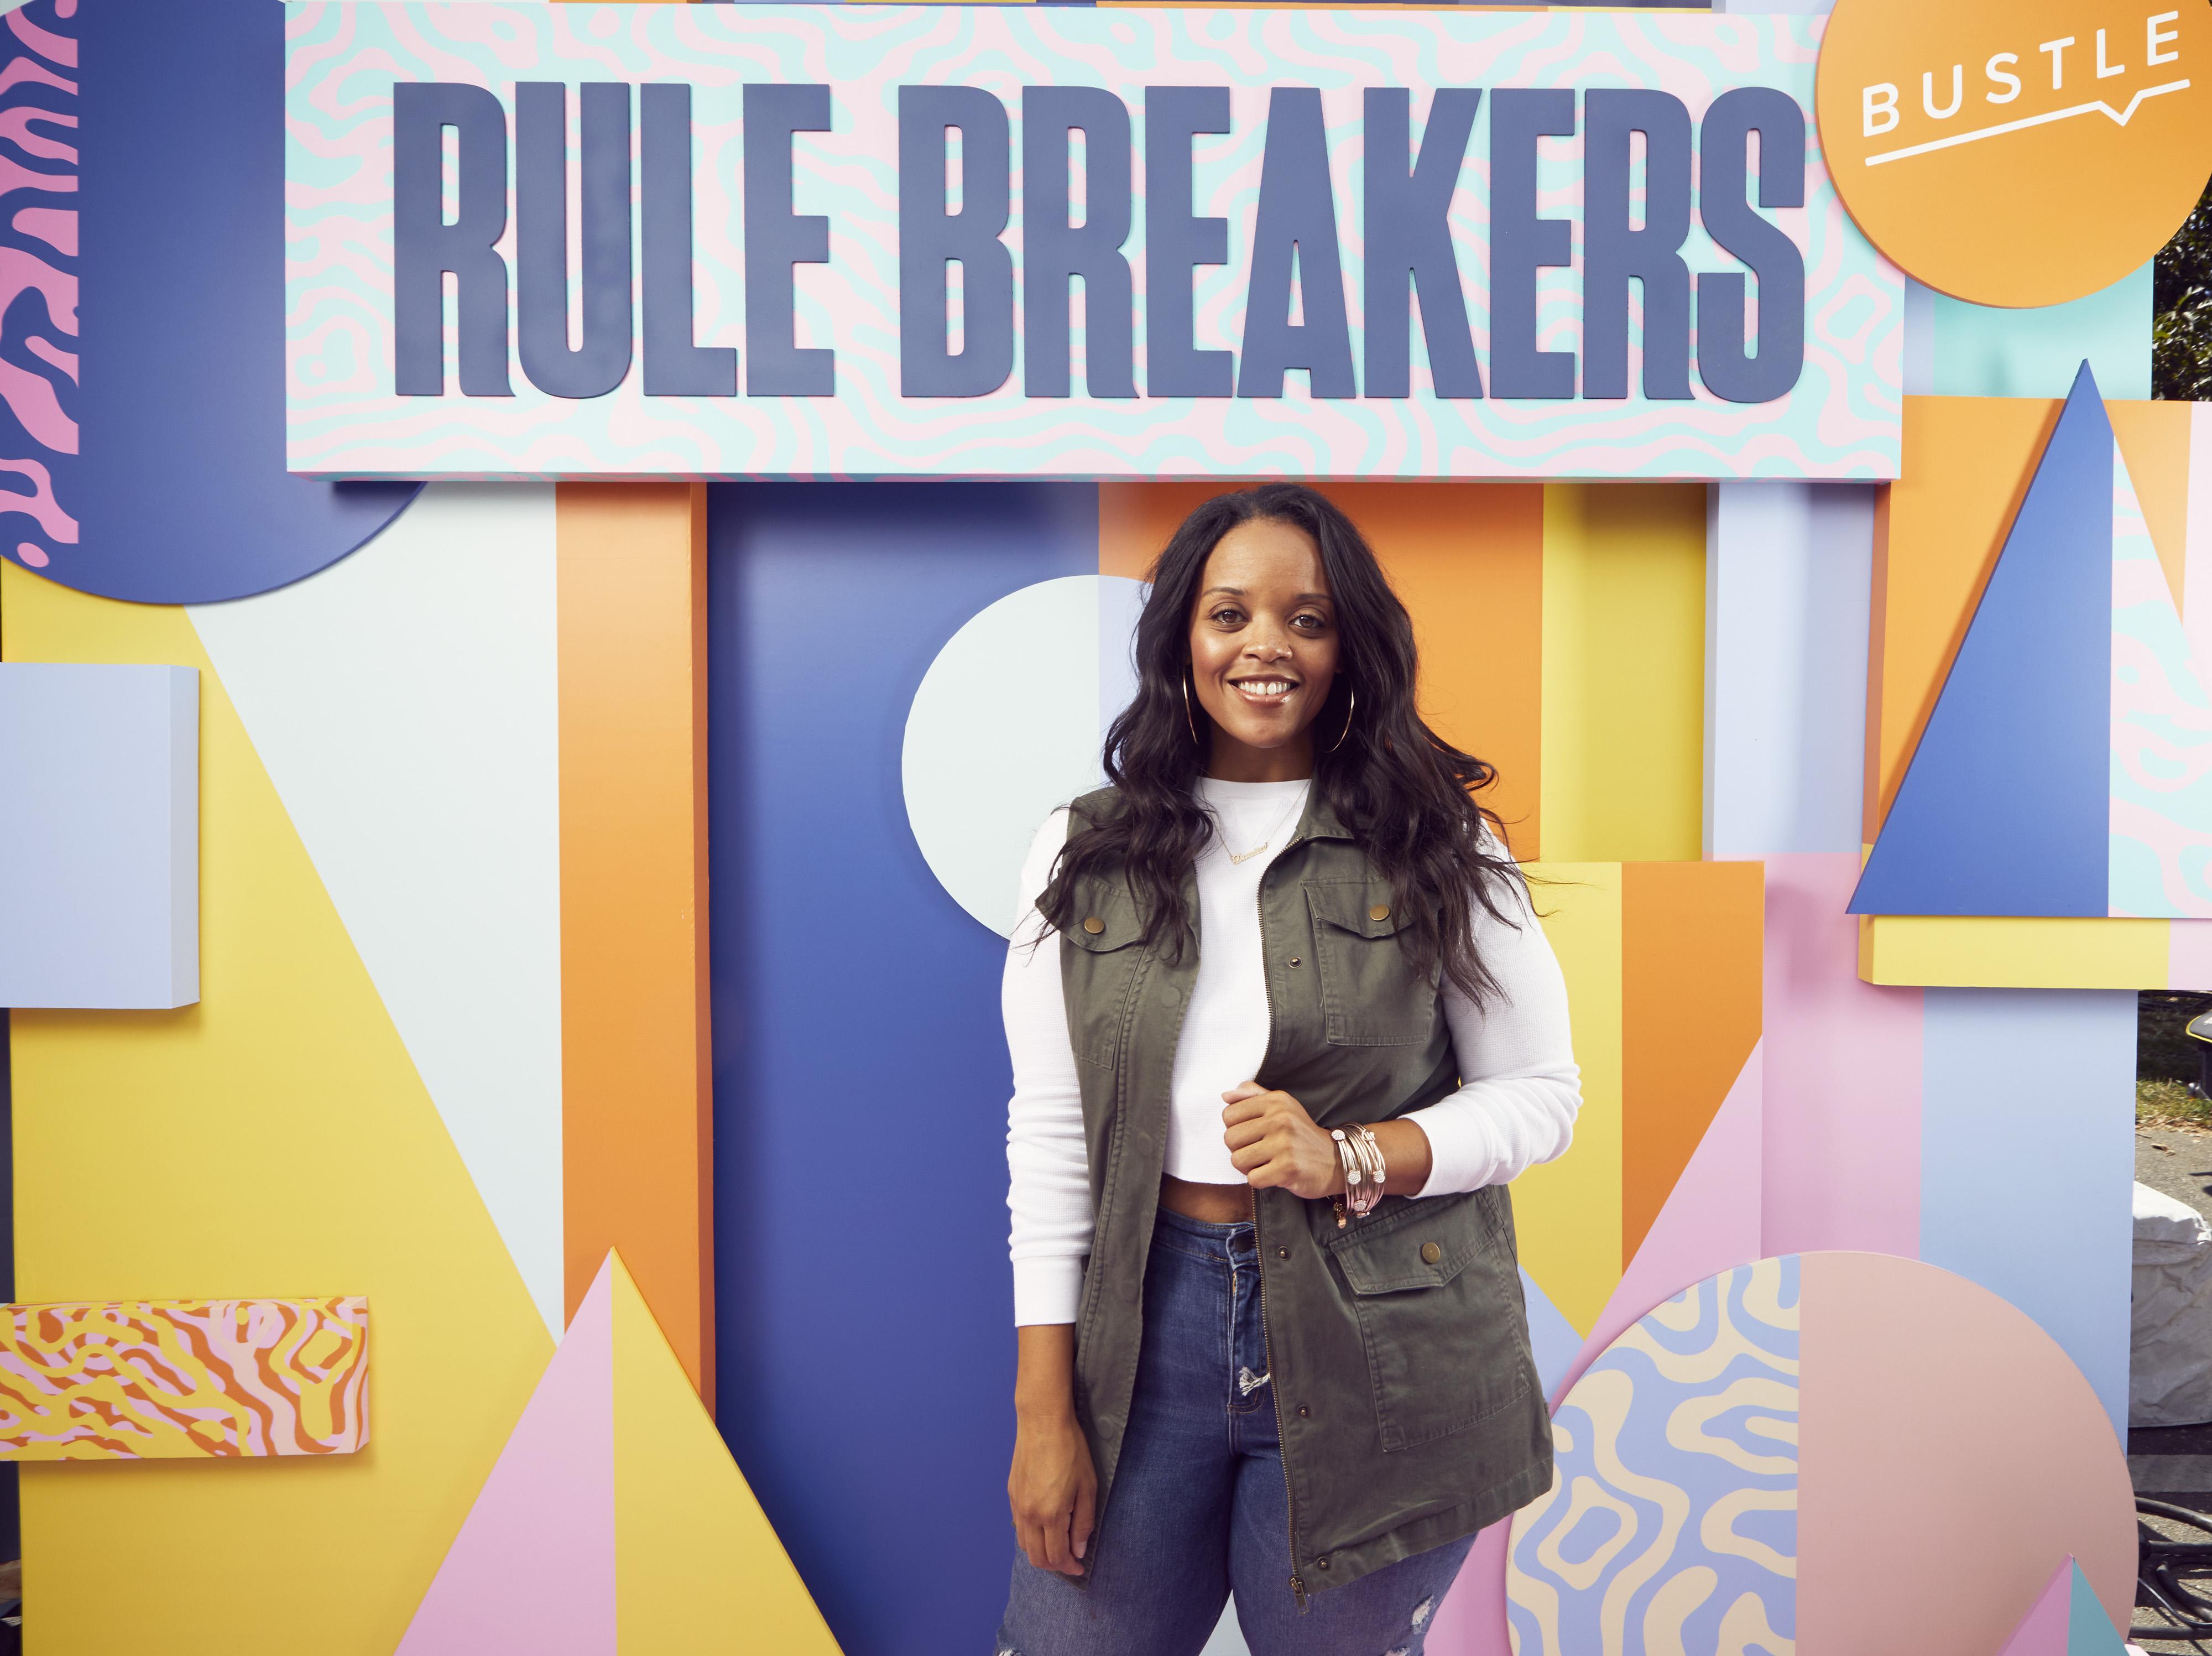 Bustle's 2019 Rule Breakers Festival - Portraits